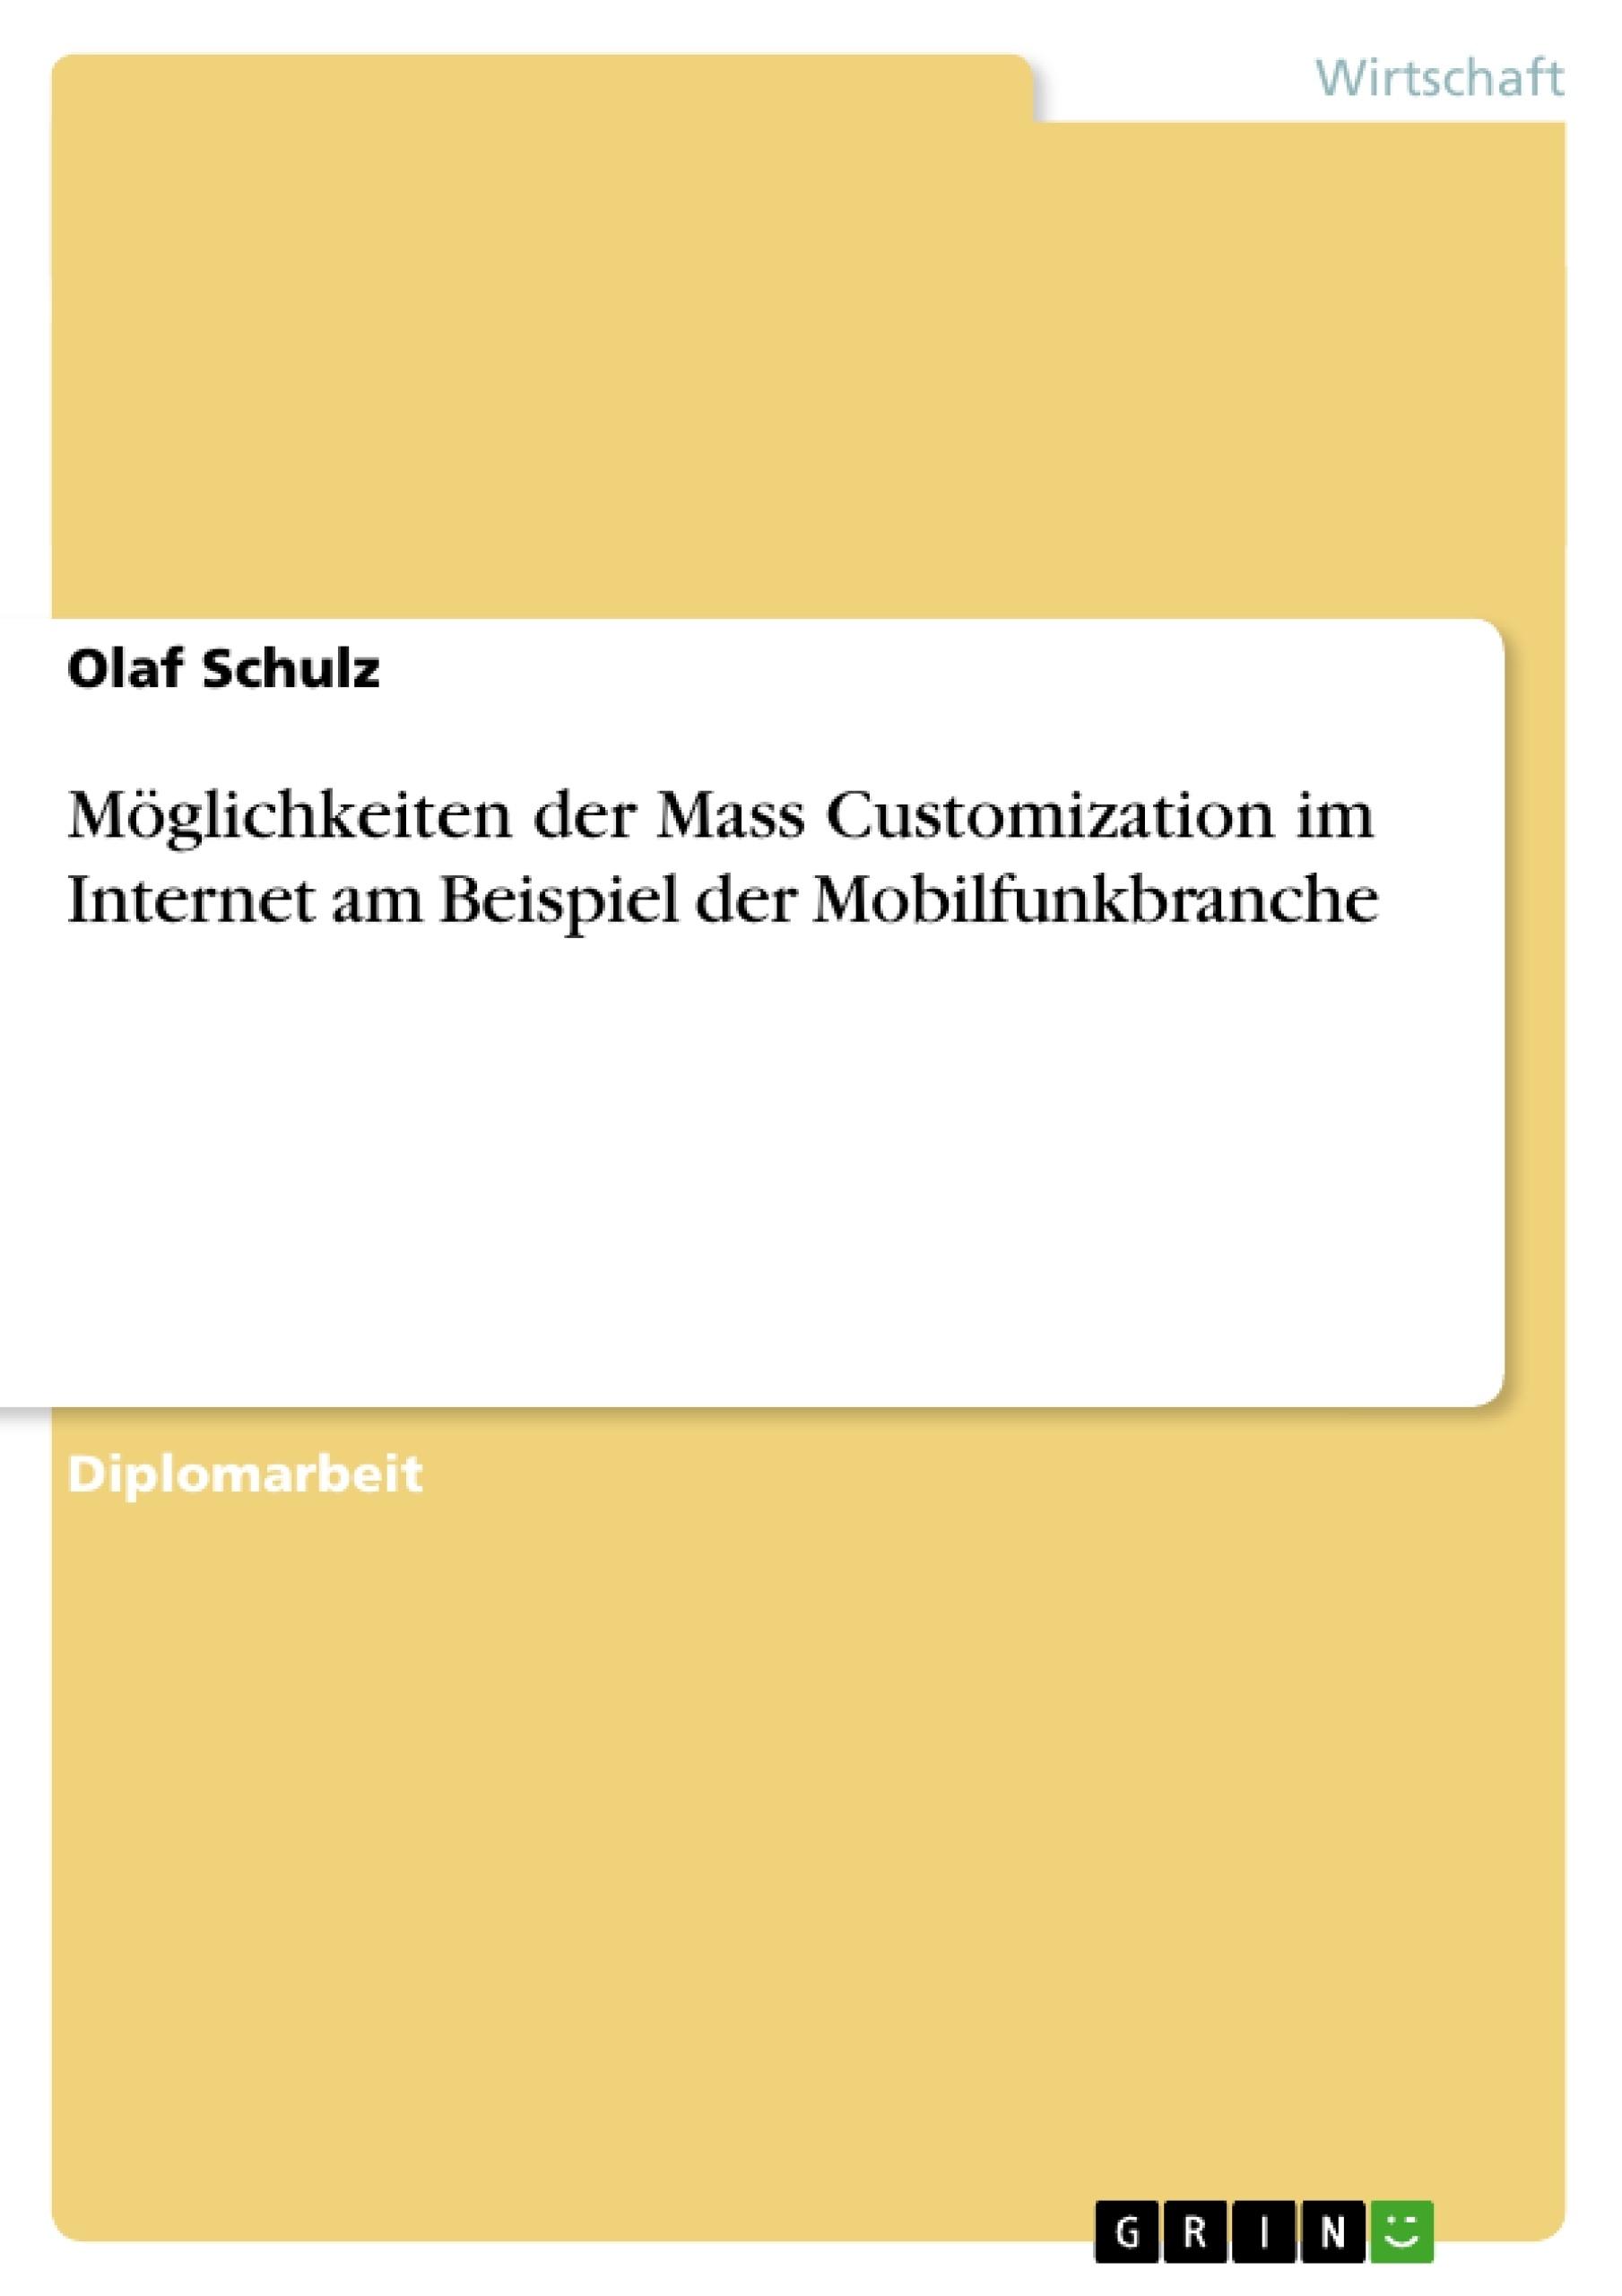 Titel: Möglichkeiten der Mass Customization im Internet am Beispiel der Mobilfunkbranche